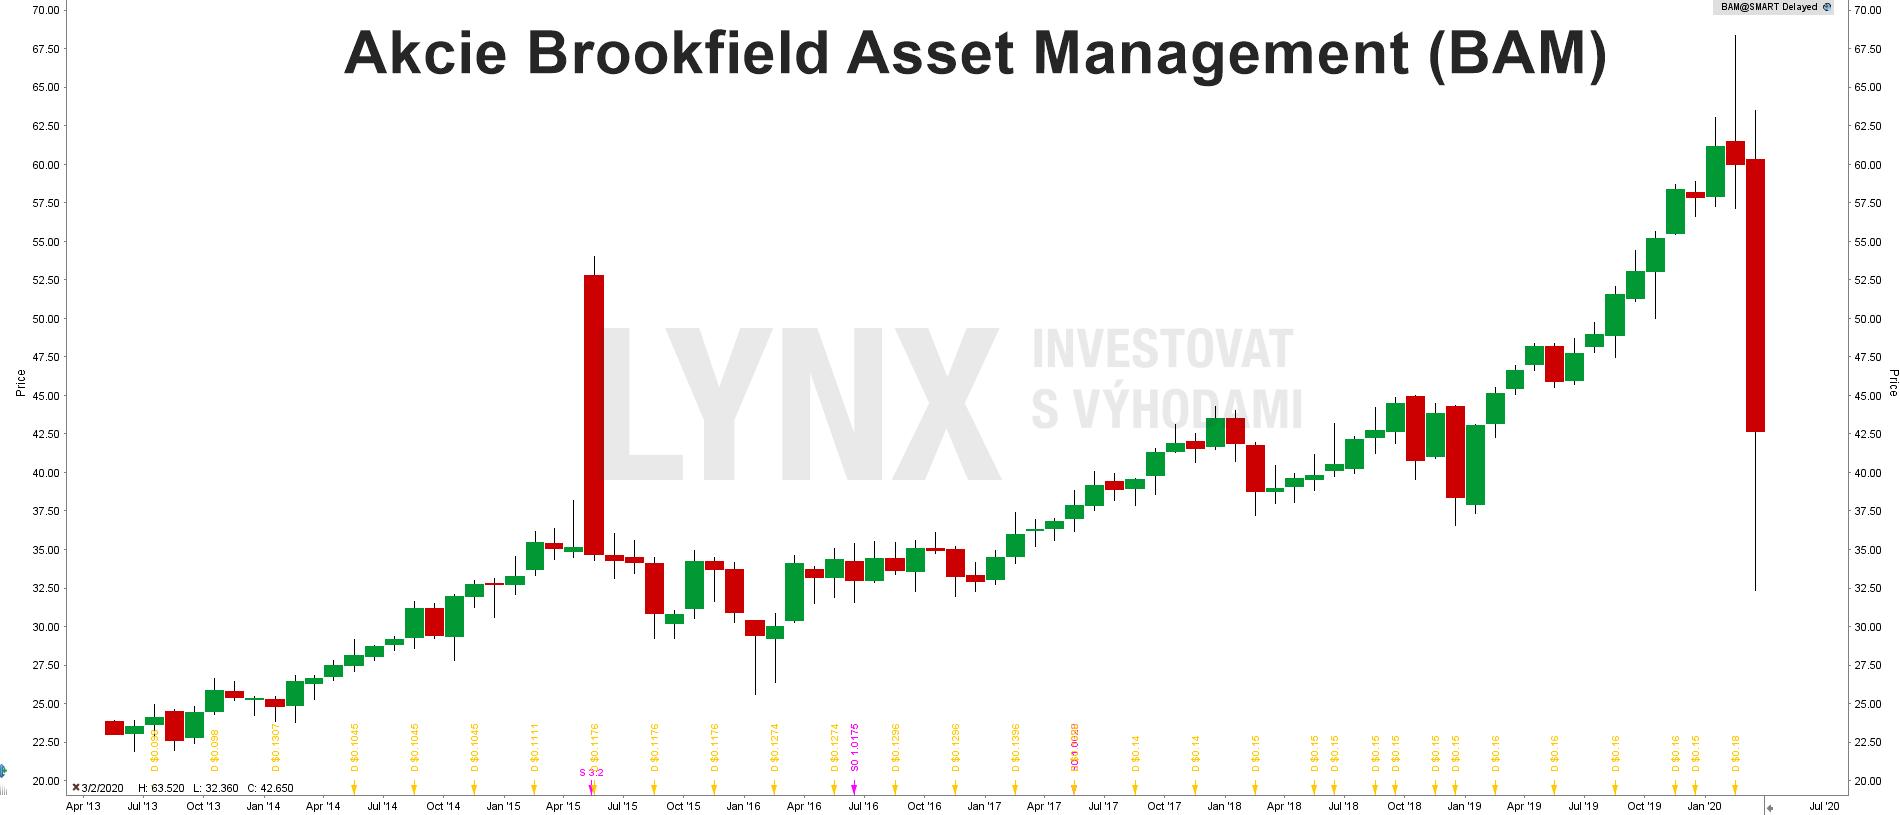 Akcie Brookfield Asset Management (BAM)